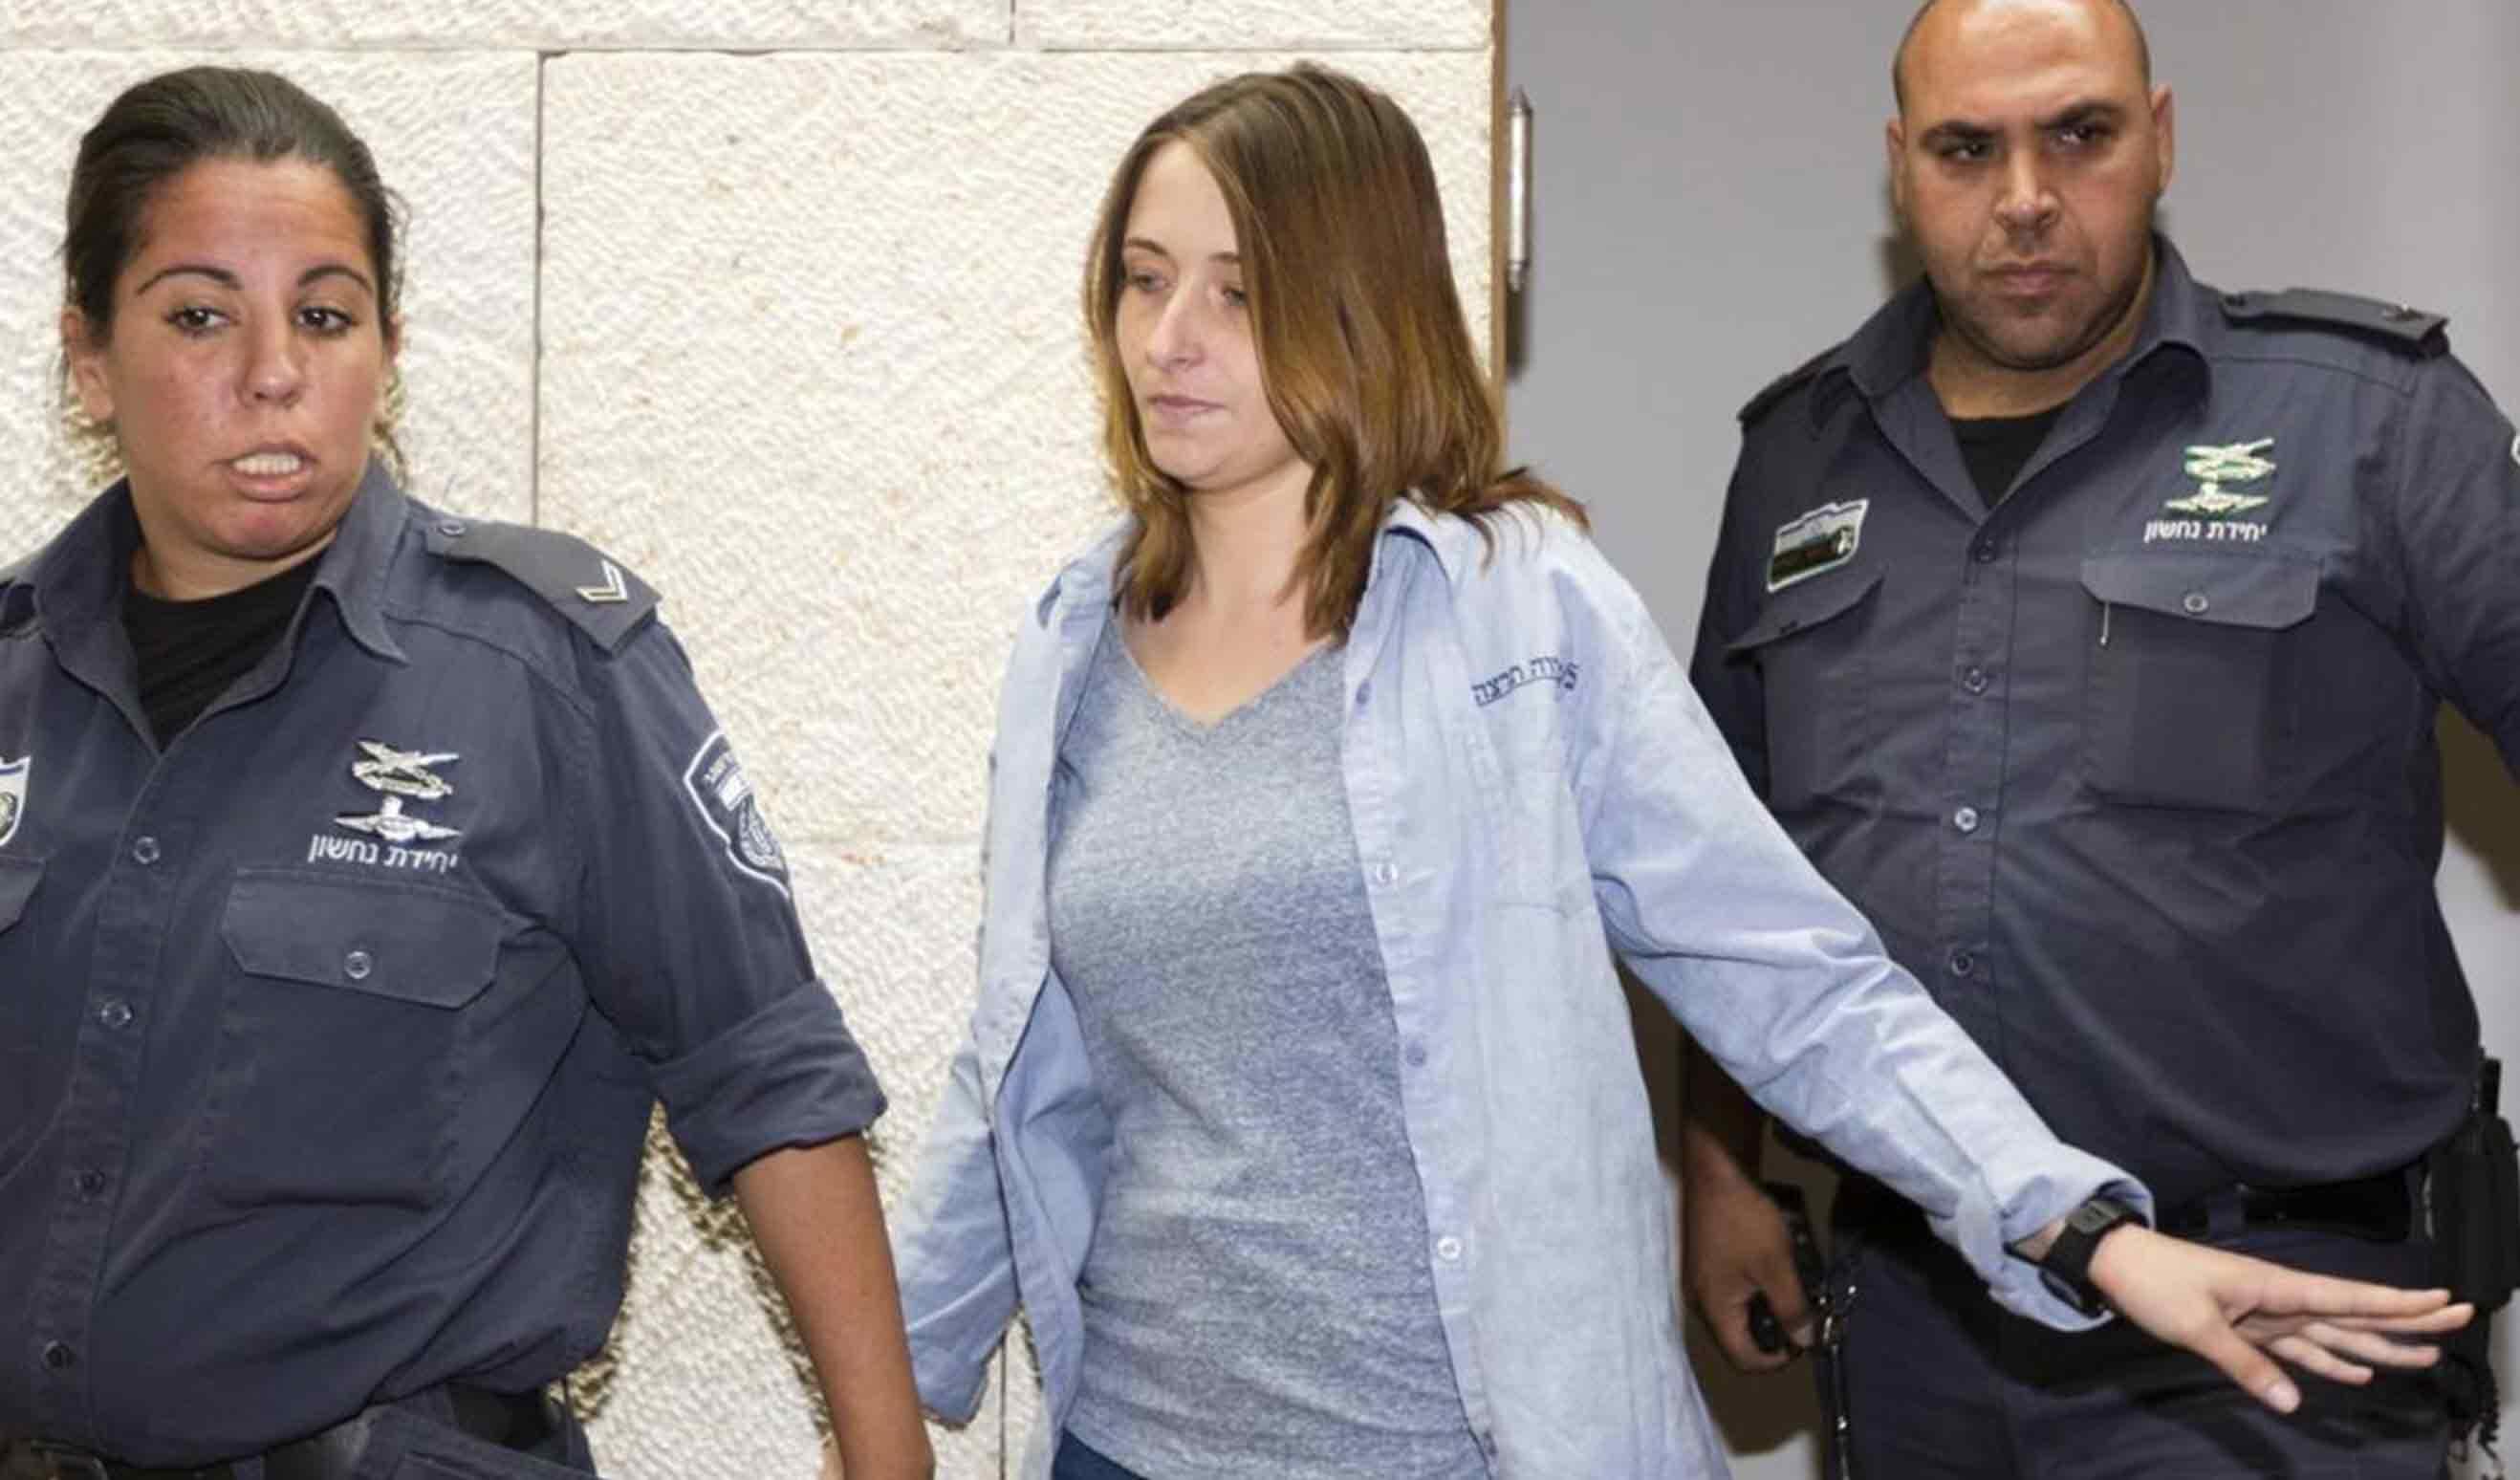 הרוצחת מארי פיזם מגנה על בת דודה של טום קשתי בכלא!